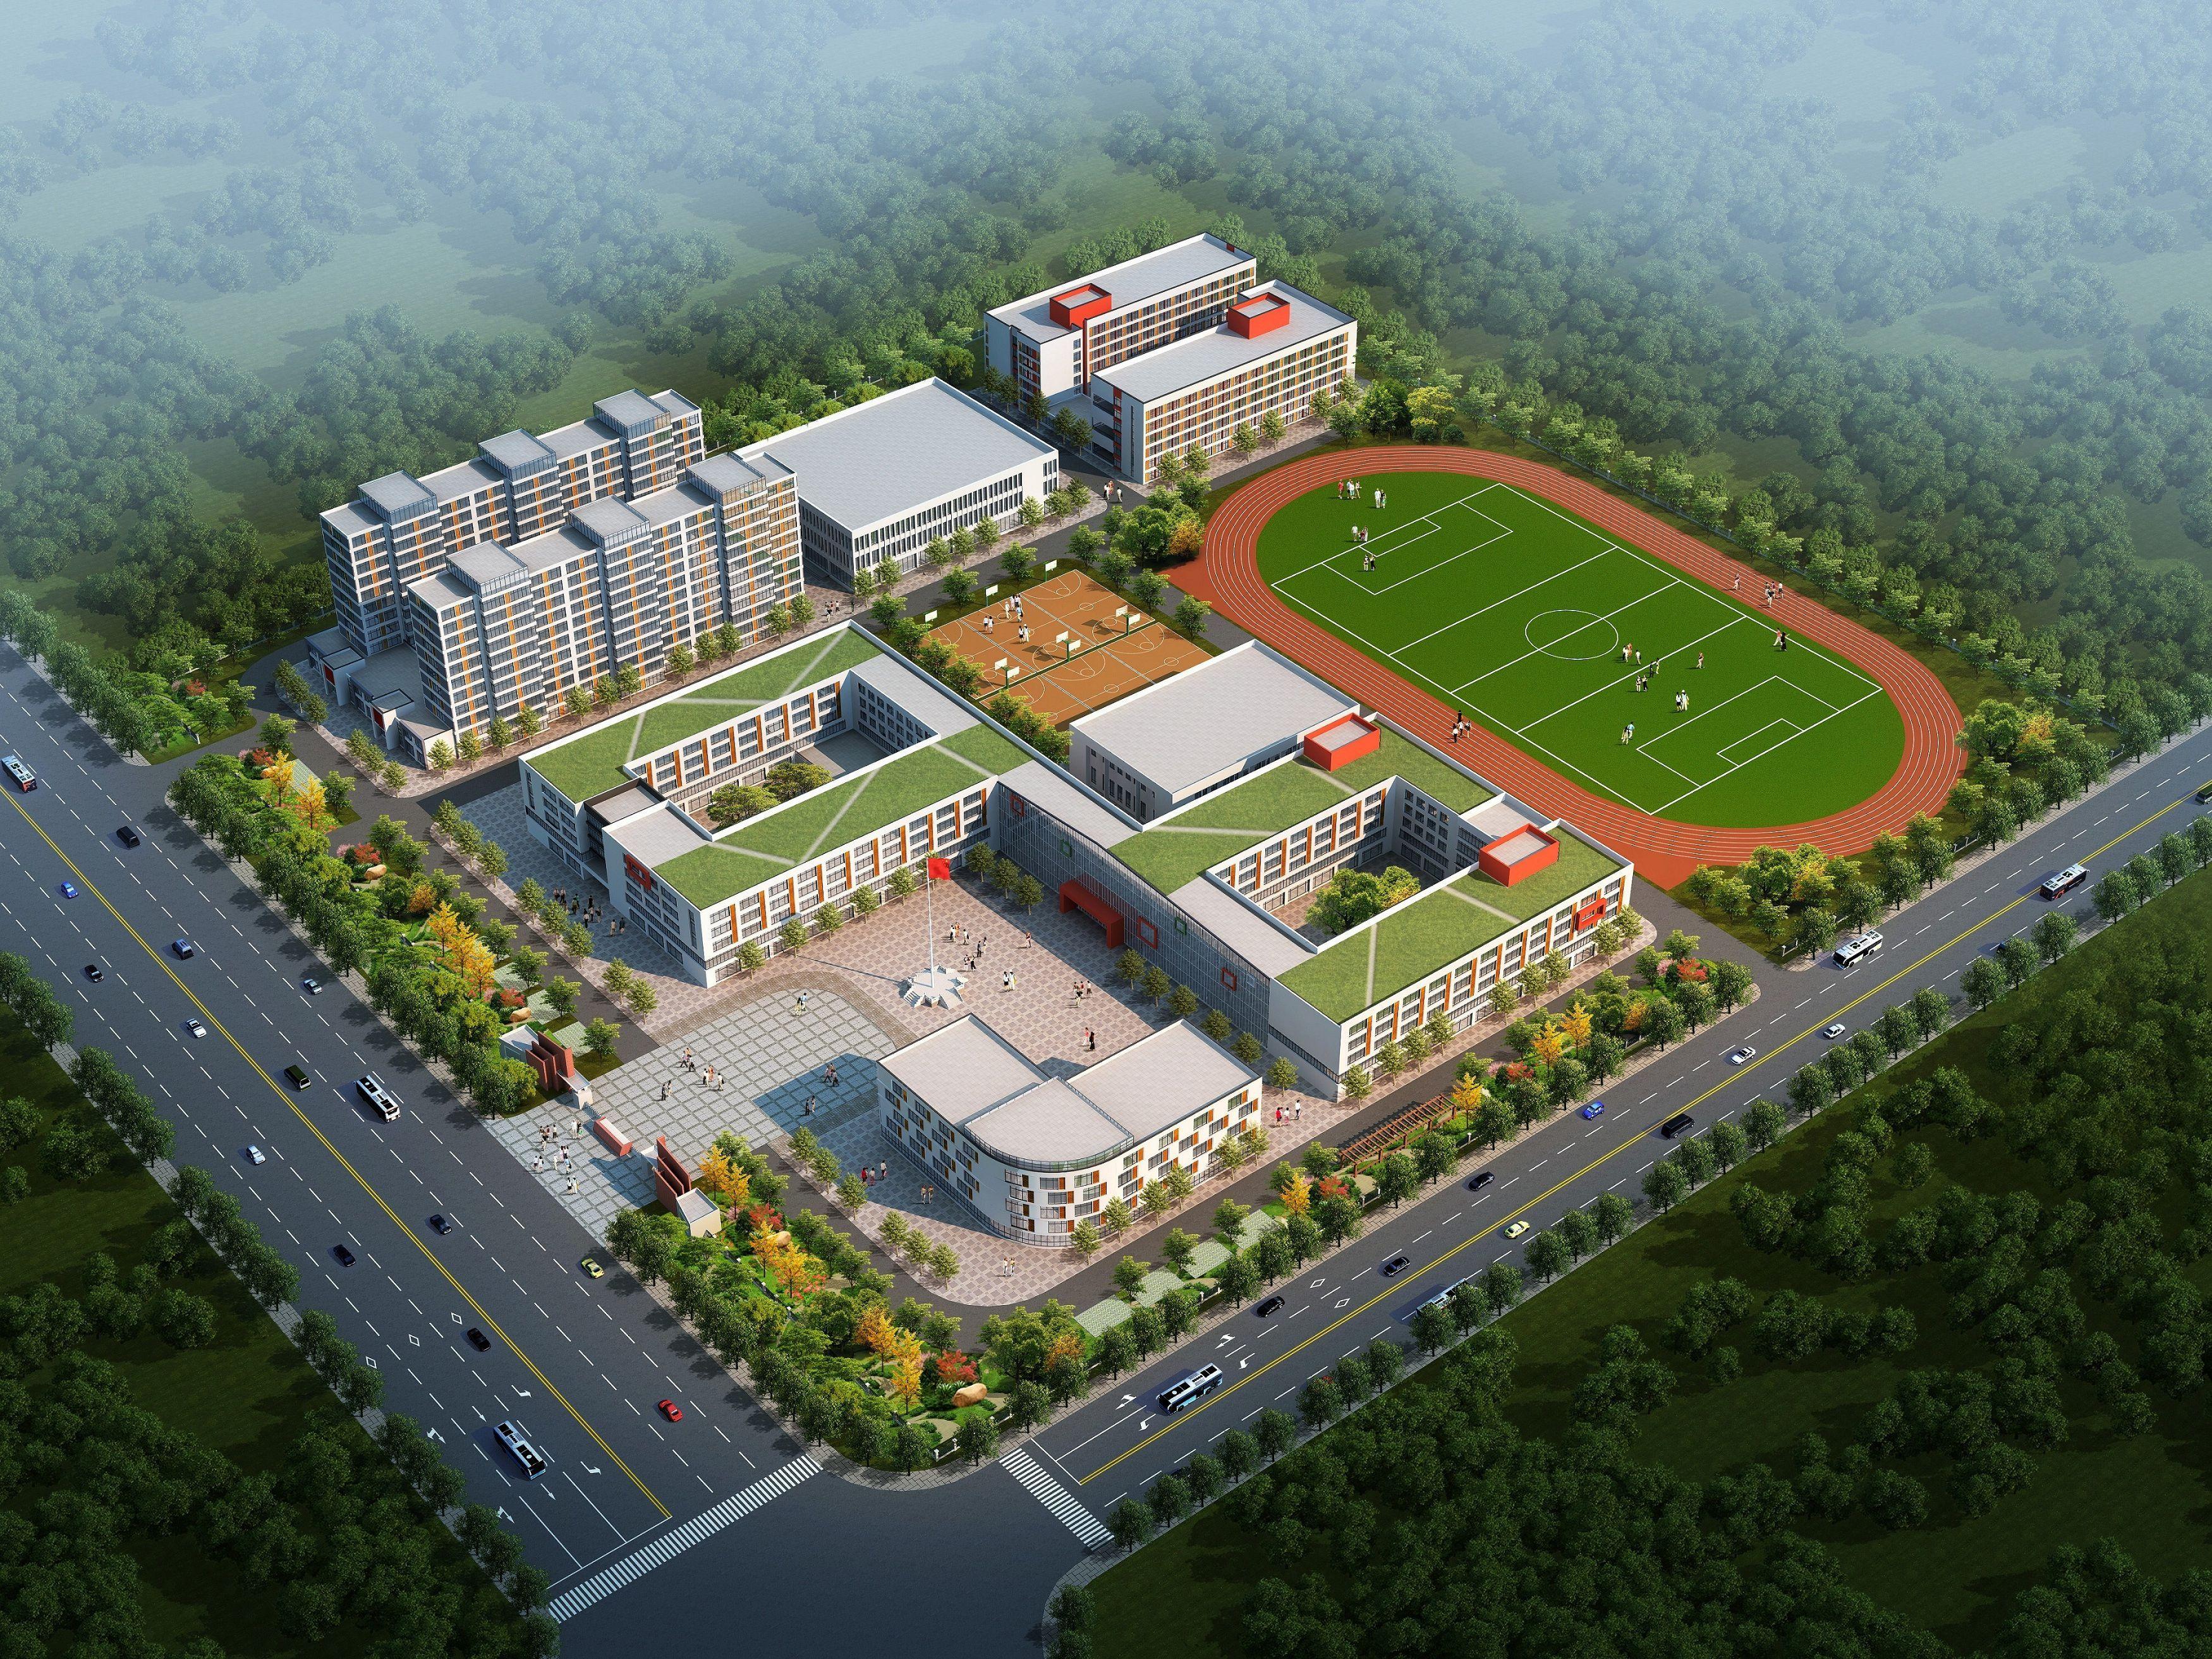 郑州招聘会 教育行业专场 曹县实验高级中学确认出席,现场直招